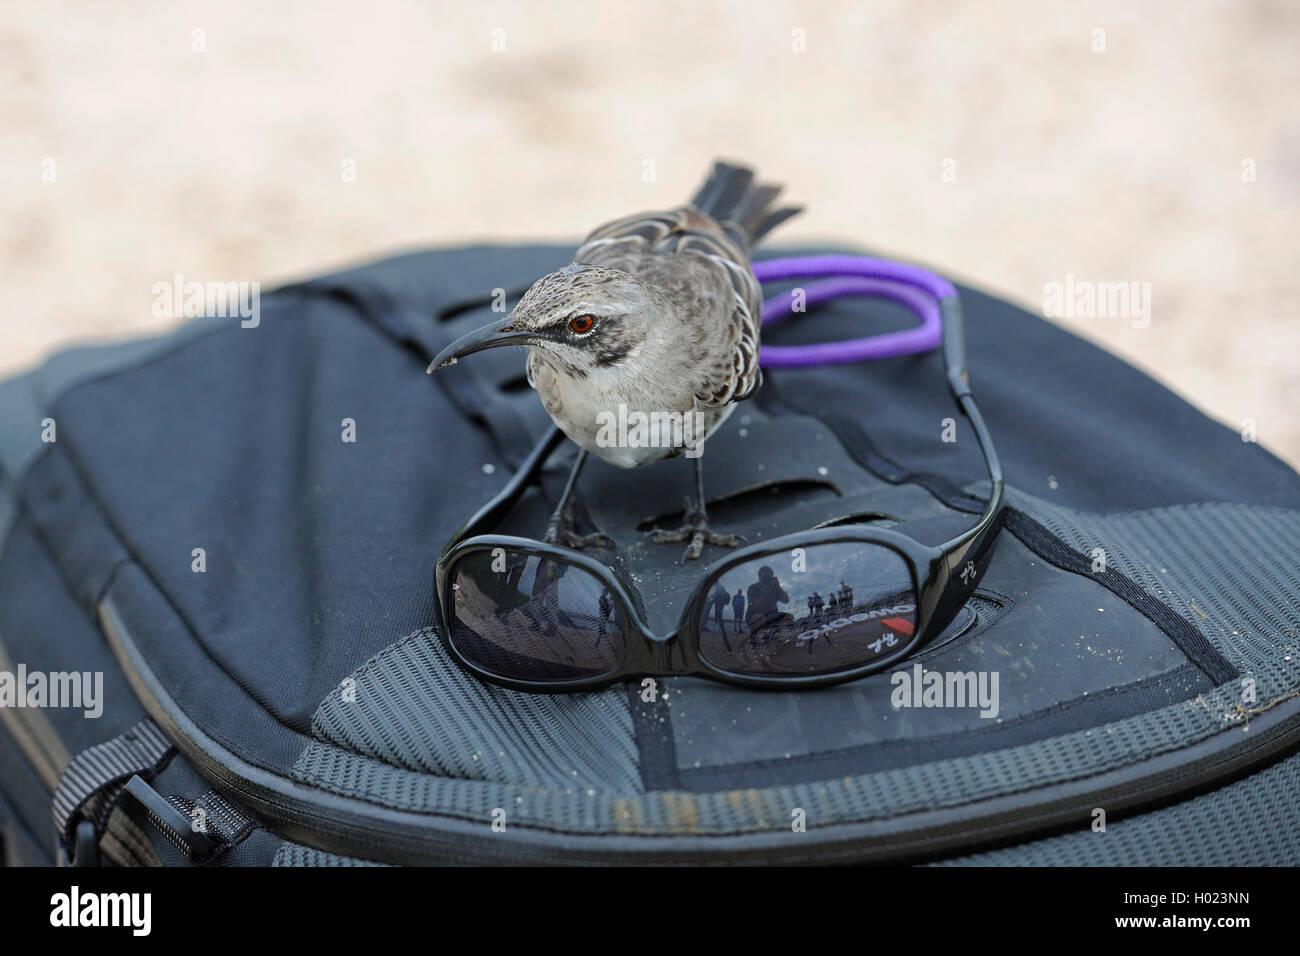 Hood mockingbird, Espanola mockingbird (Nesomimus macdonaldi, Nesomimus parvulus macdonaldi), s'intéresse à des lunettes de soleil sur une photo sac à dos, l'Équateur, Îles Galápagos, Espanola Banque D'Images